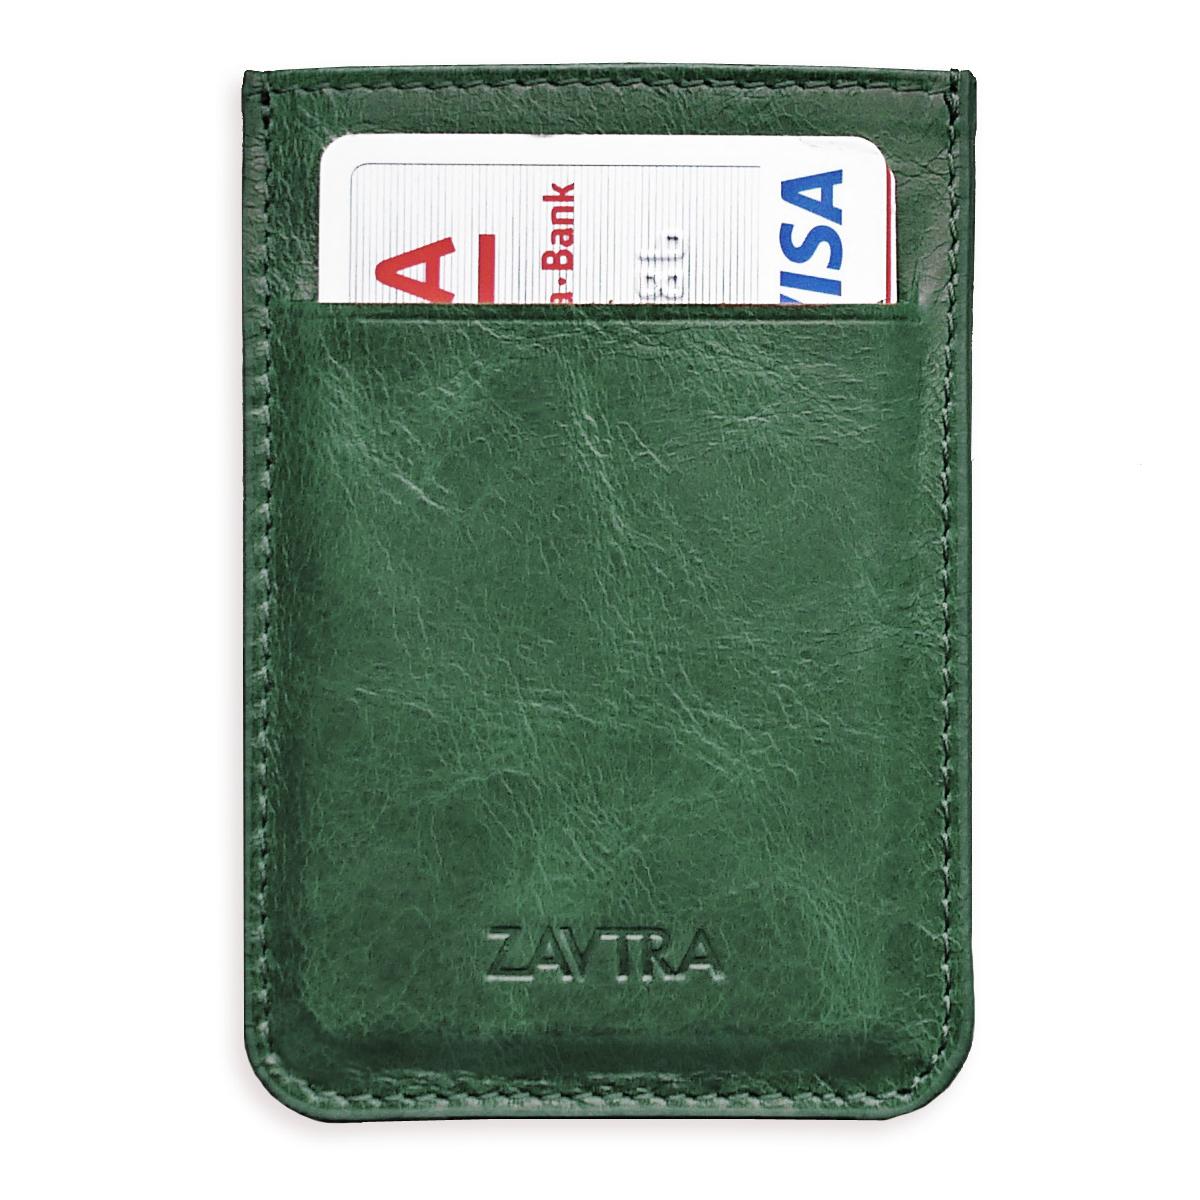 Кошелек Zavtra, цвет: темно-зеленый. zav01grezav01greКомпактный кожаный кошелек Zavtra вмещает 4–5 банковских либо иных карт, права или пропуск, а также наличные на несколько дней.